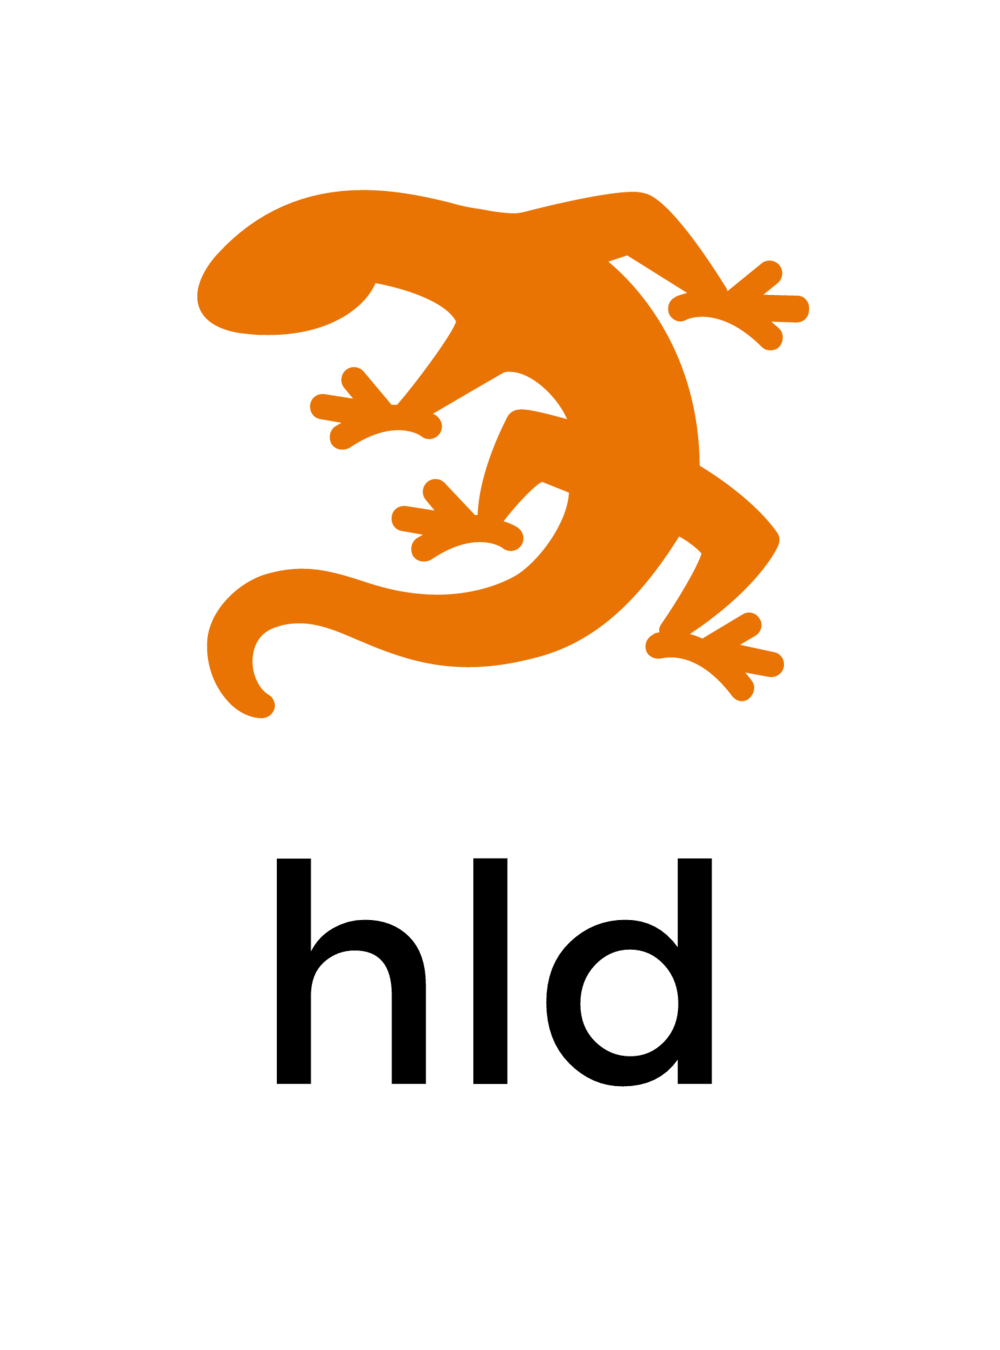 Hot lizard designs